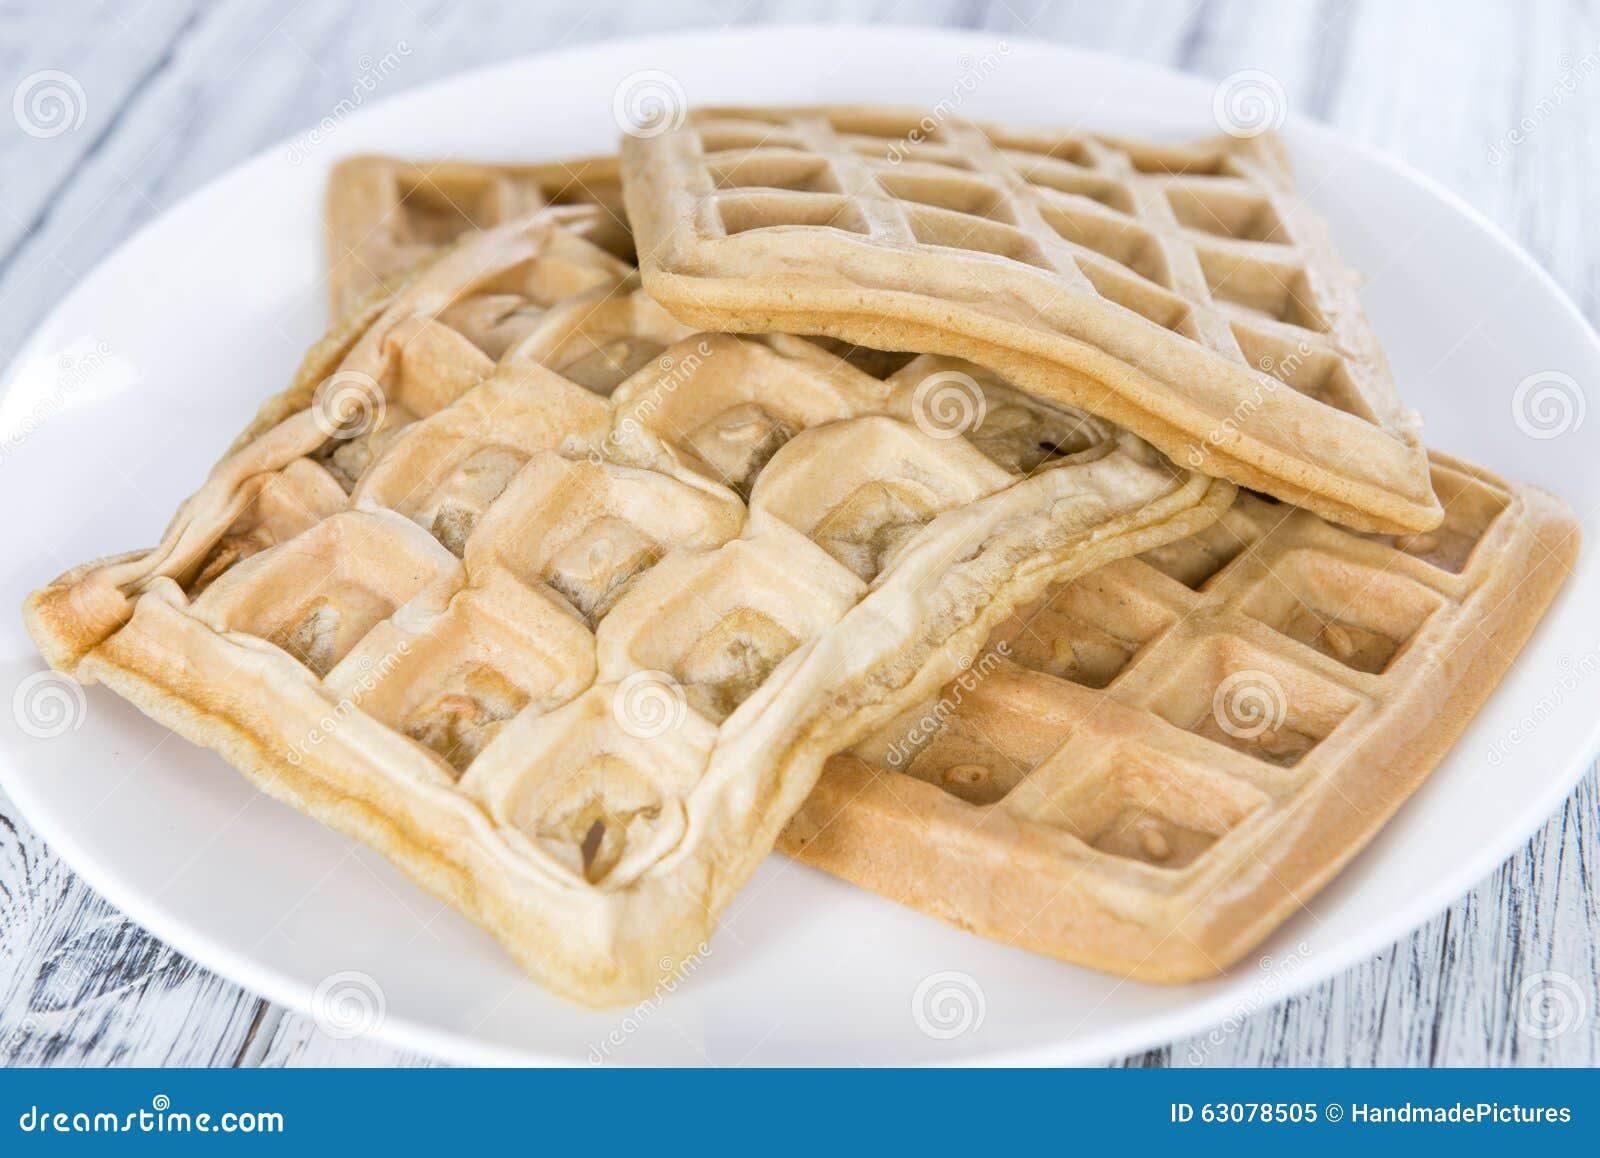 Download Partie De Gaufres Faites Fraîches Image stock - Image du ingrédient, calories: 63078505